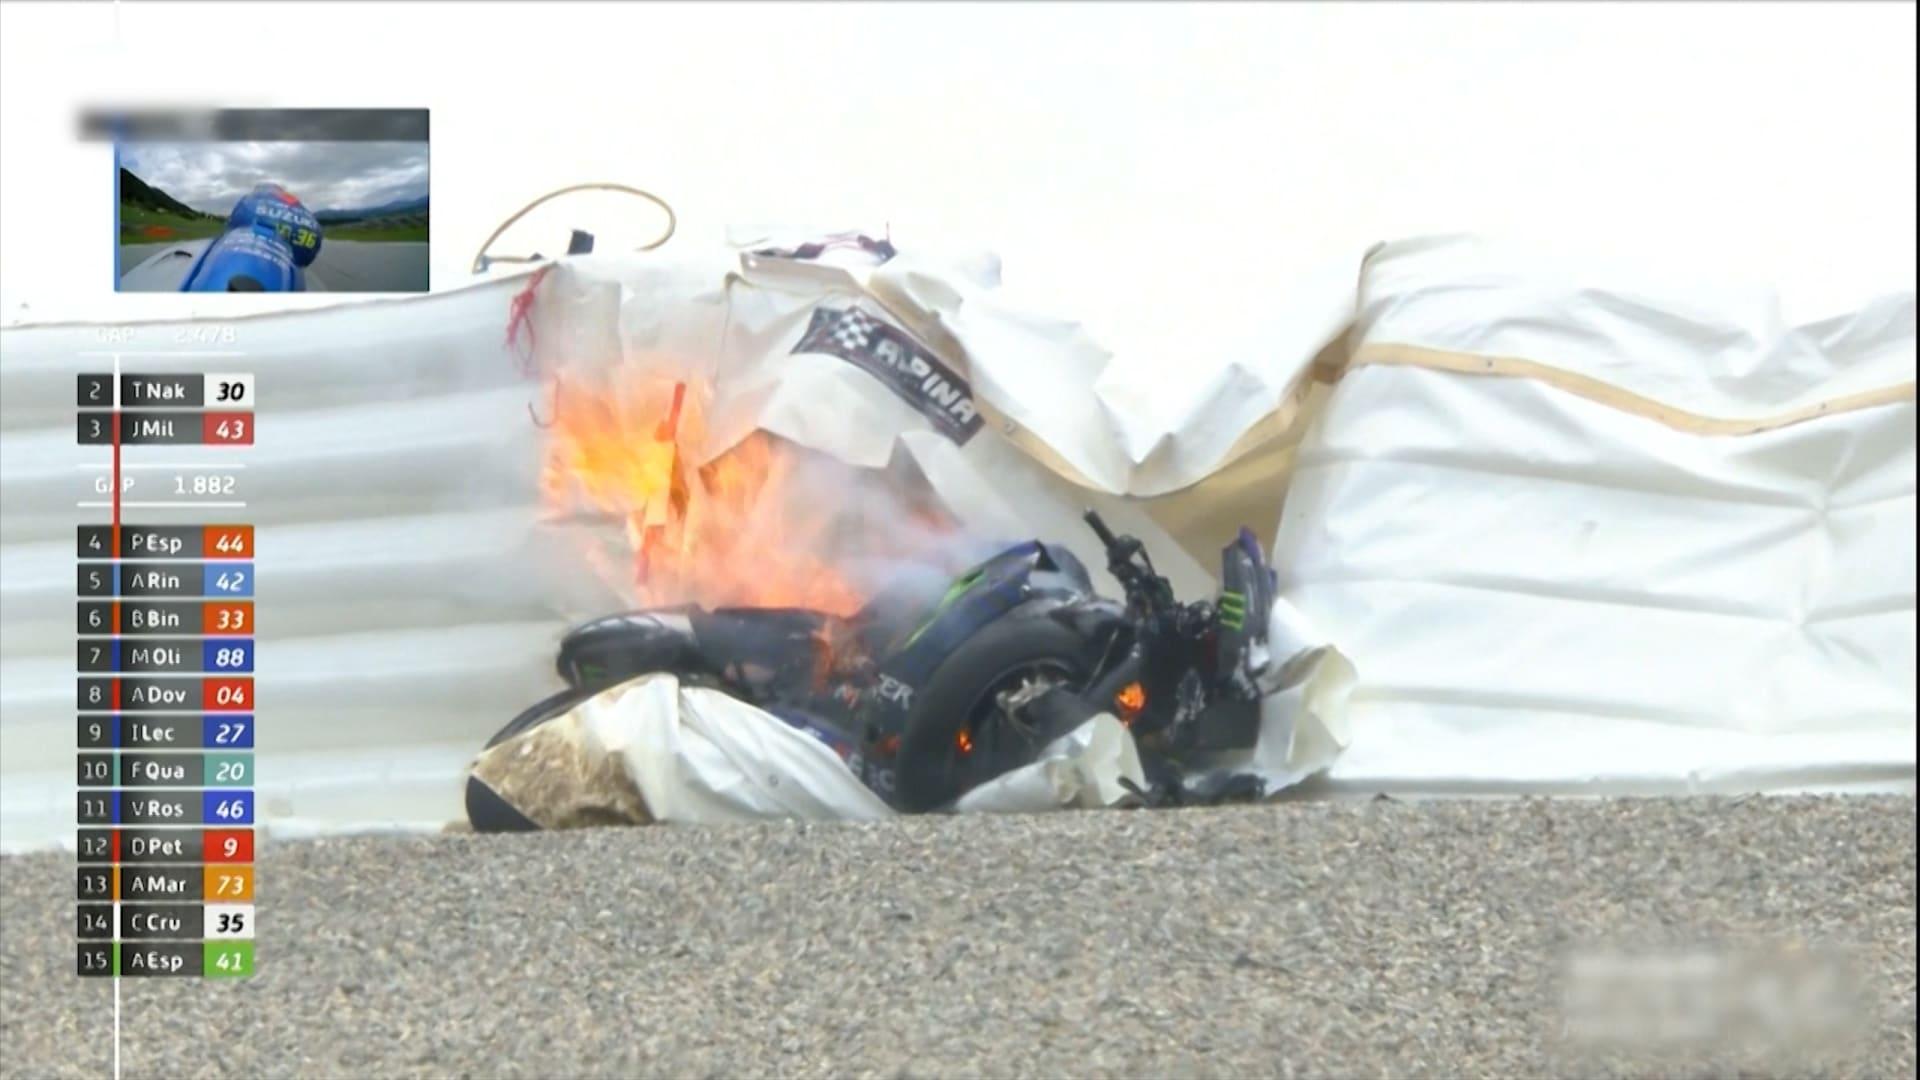 بعد نجاته من ارتطام دراجة نارية طائرة به.. مافريك ينجو من حادث آخر